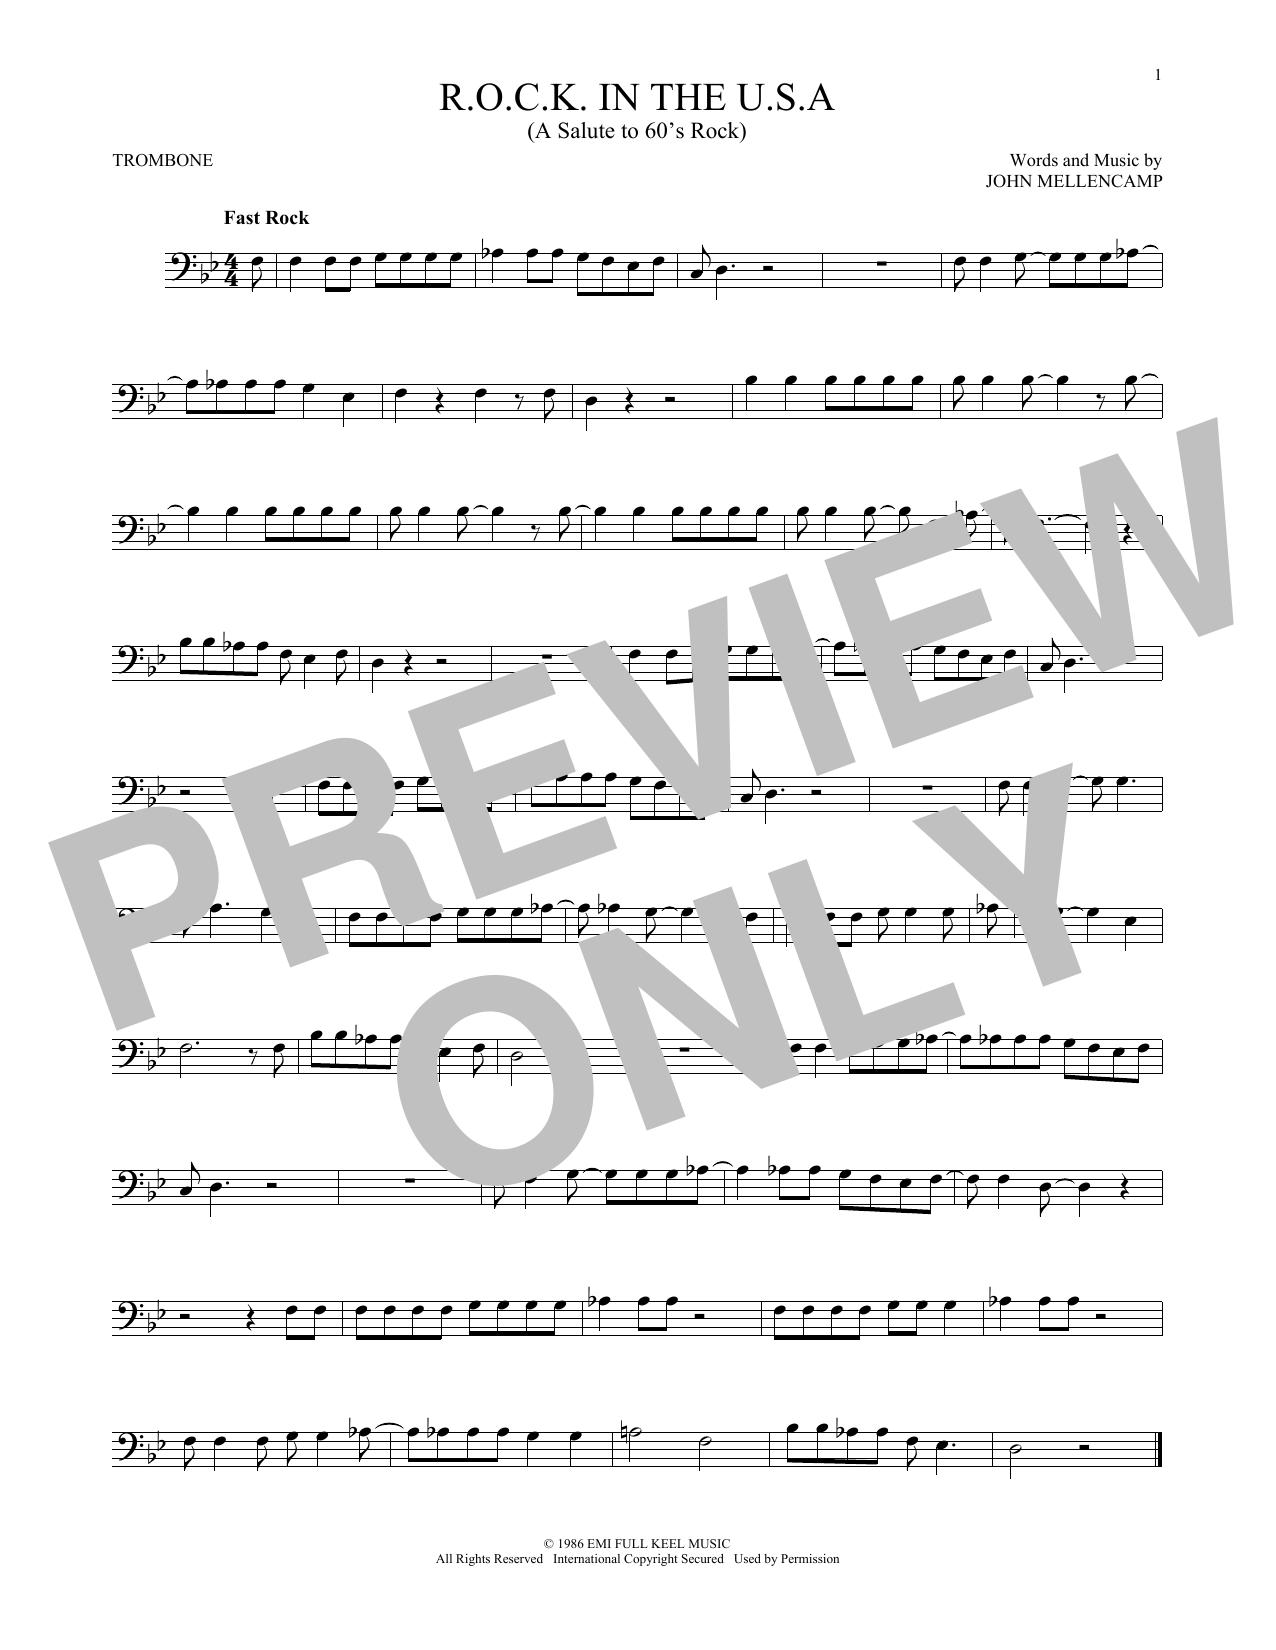 R.O.C.K. In The U.S.A. (A Salute To 60's Rock) (Trombone Solo)